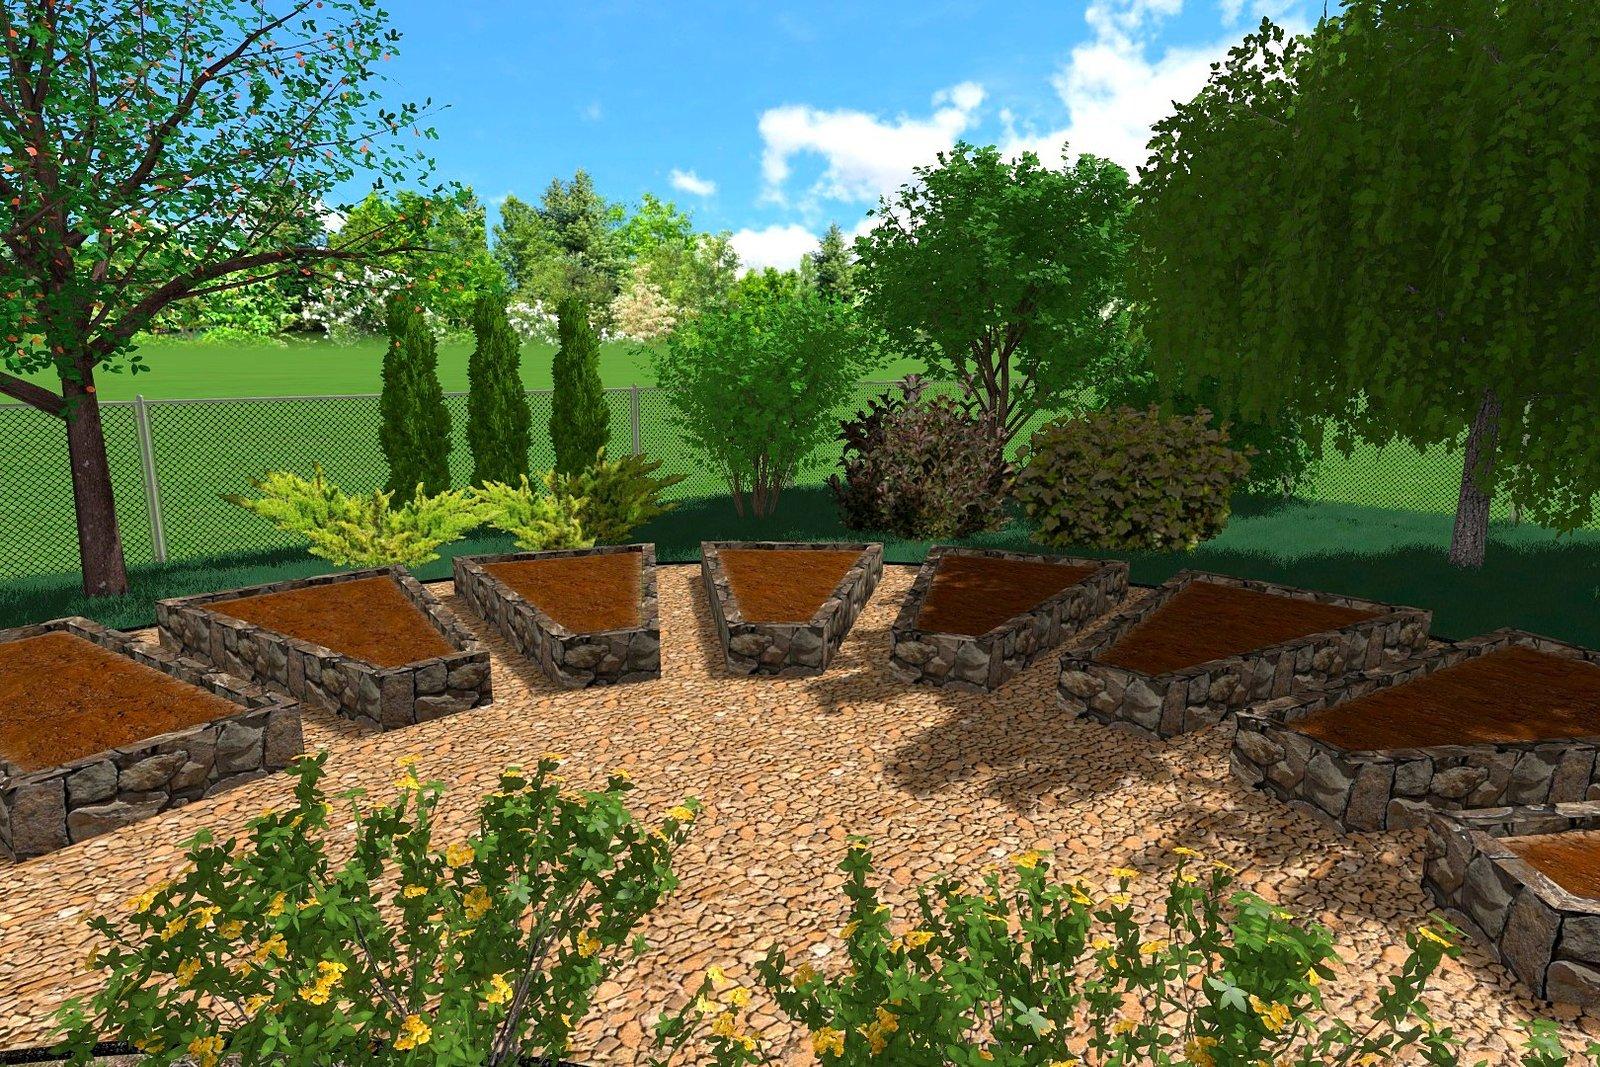 Трехмерное моделирования ландшафтного дизайна огорода в Киеве, Моделирование ландшафтного дизайна огорода в Киеве, 3д ландшафтного дизайна гряд в Киеве